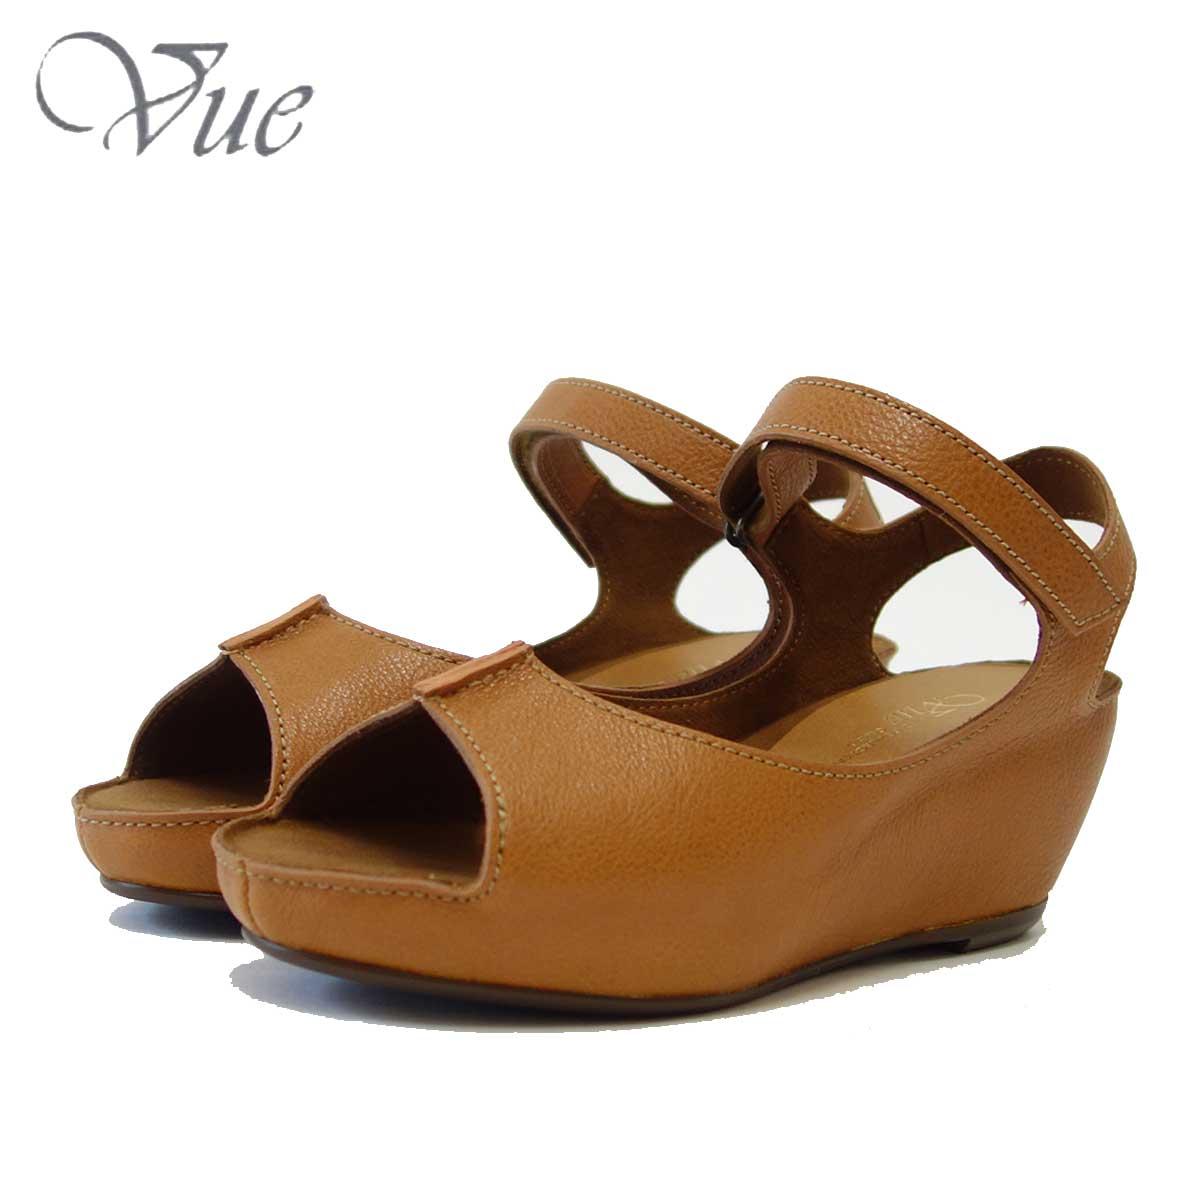 Vue ビュー EIZO Collection 53577 キャメル オープントゥ ウェッジサンダル 「靴」